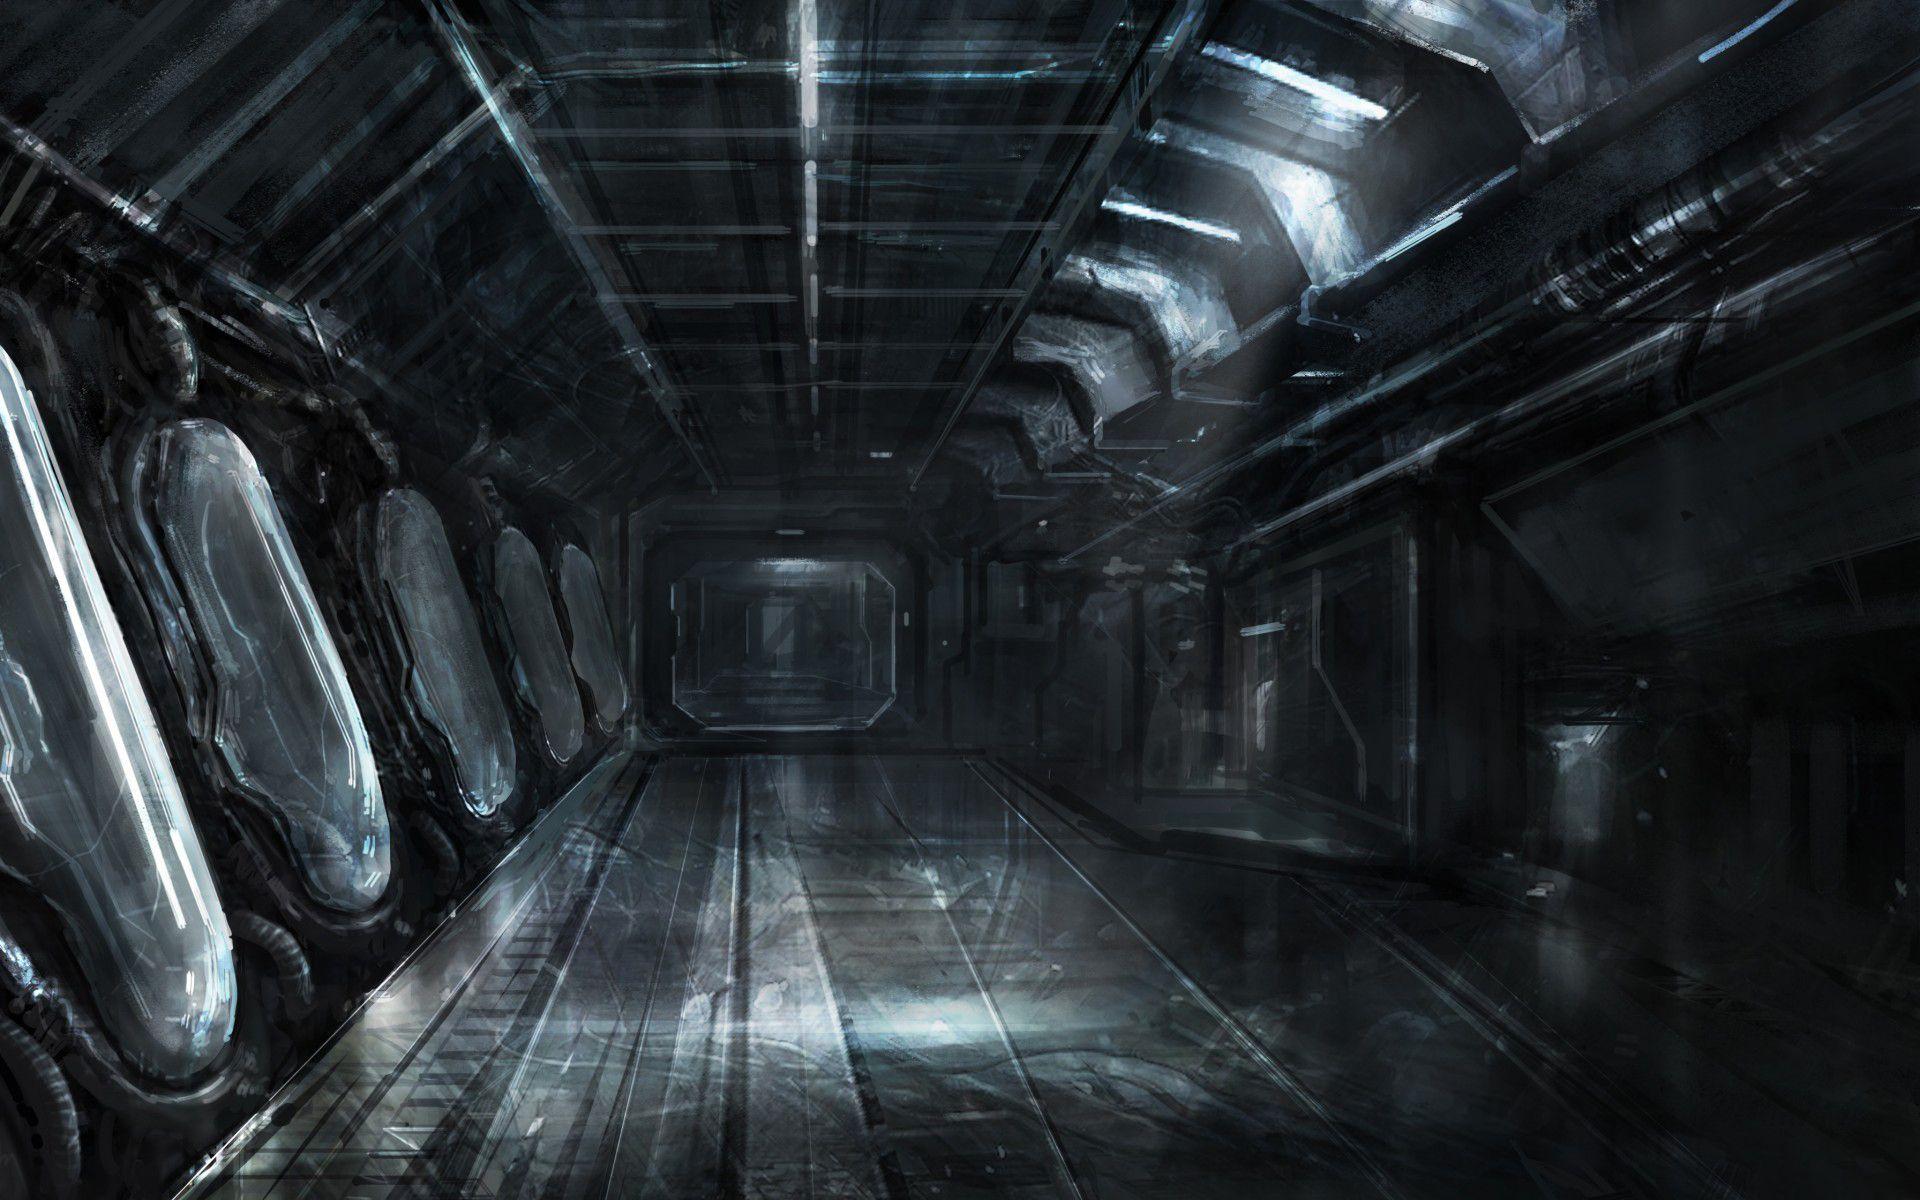 внутри инопланетного корабля картинки этом